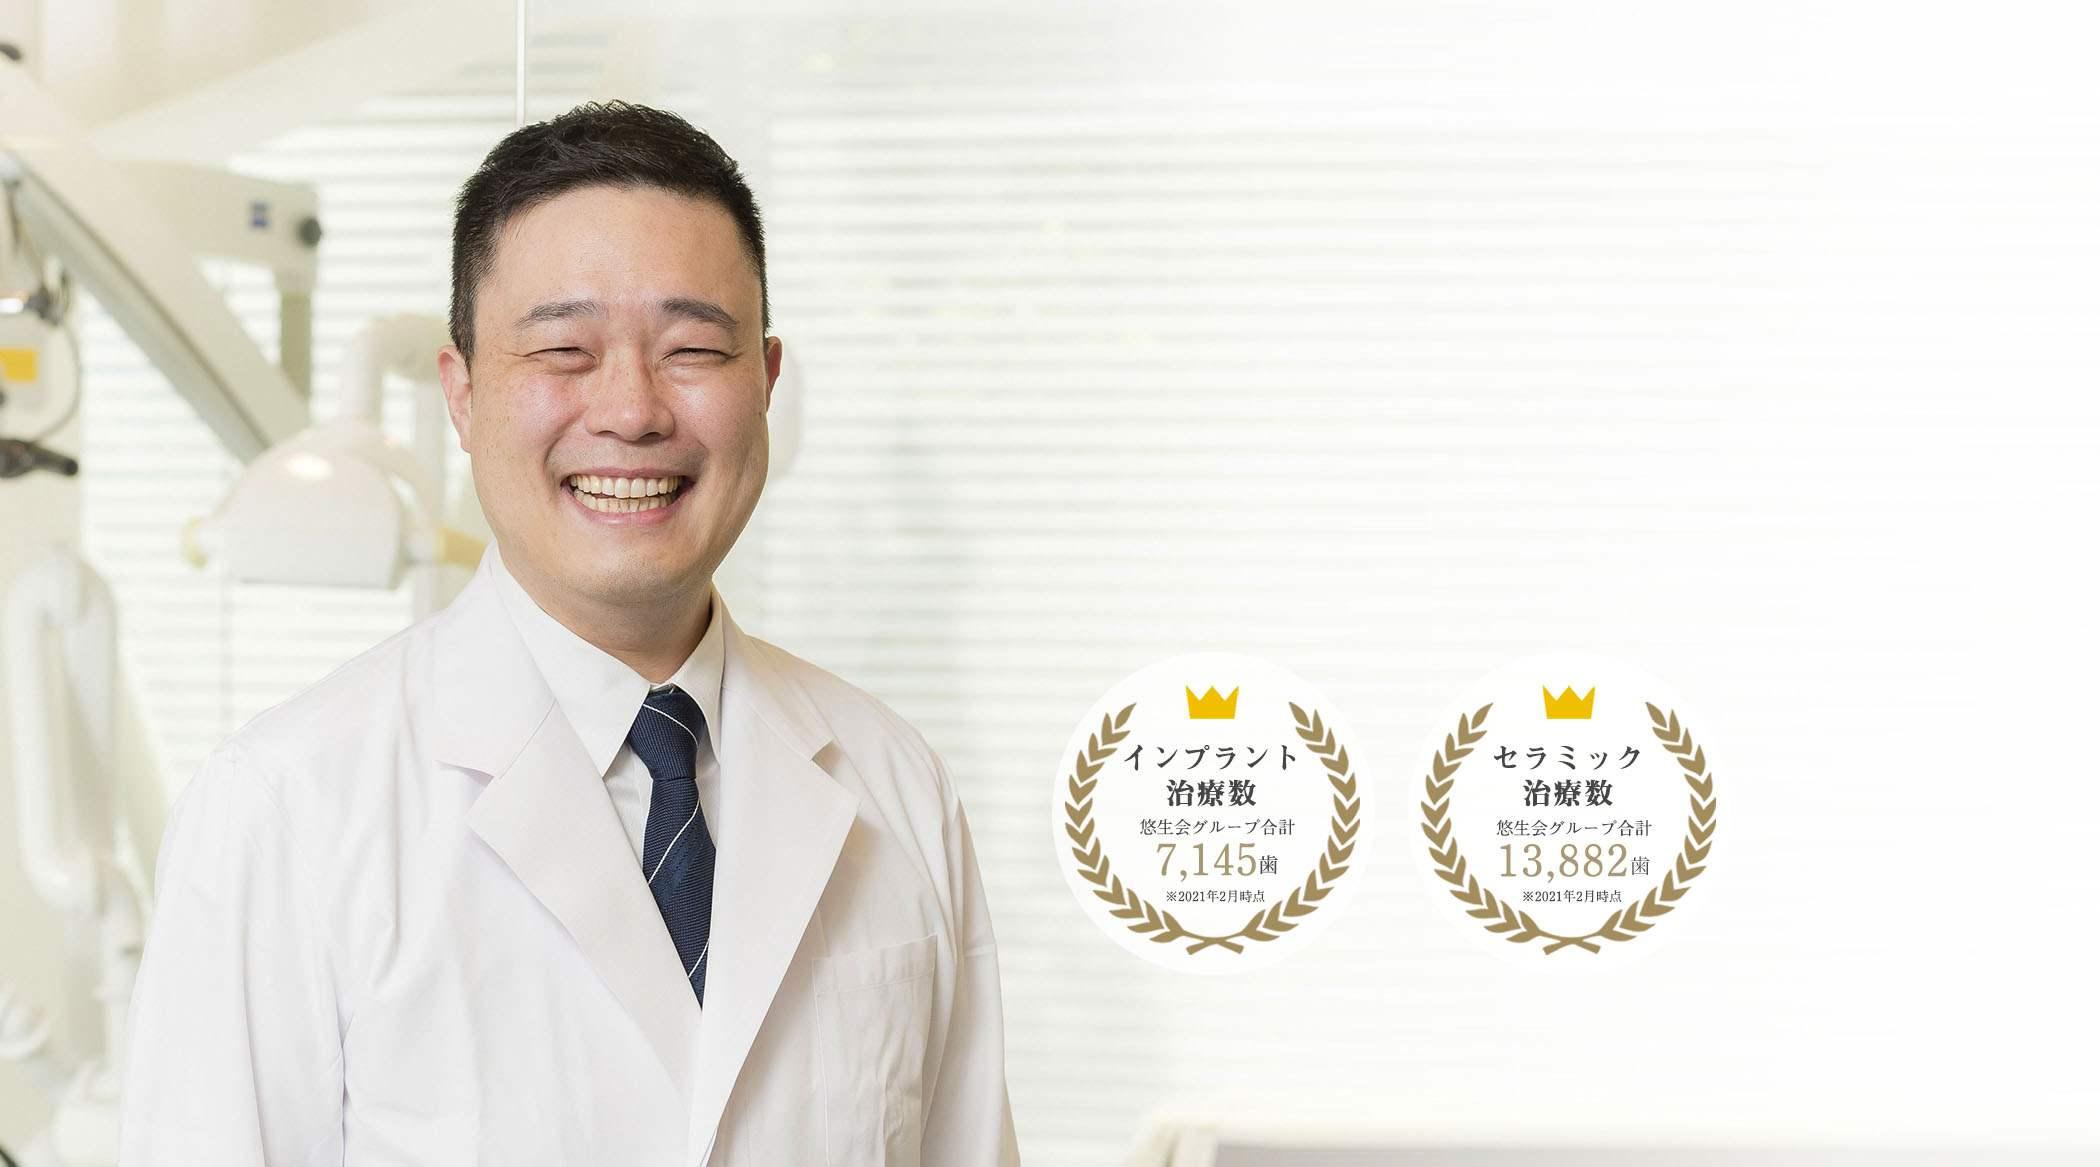 ニューヨーク大学を卒業した大阪のインプラントの名医